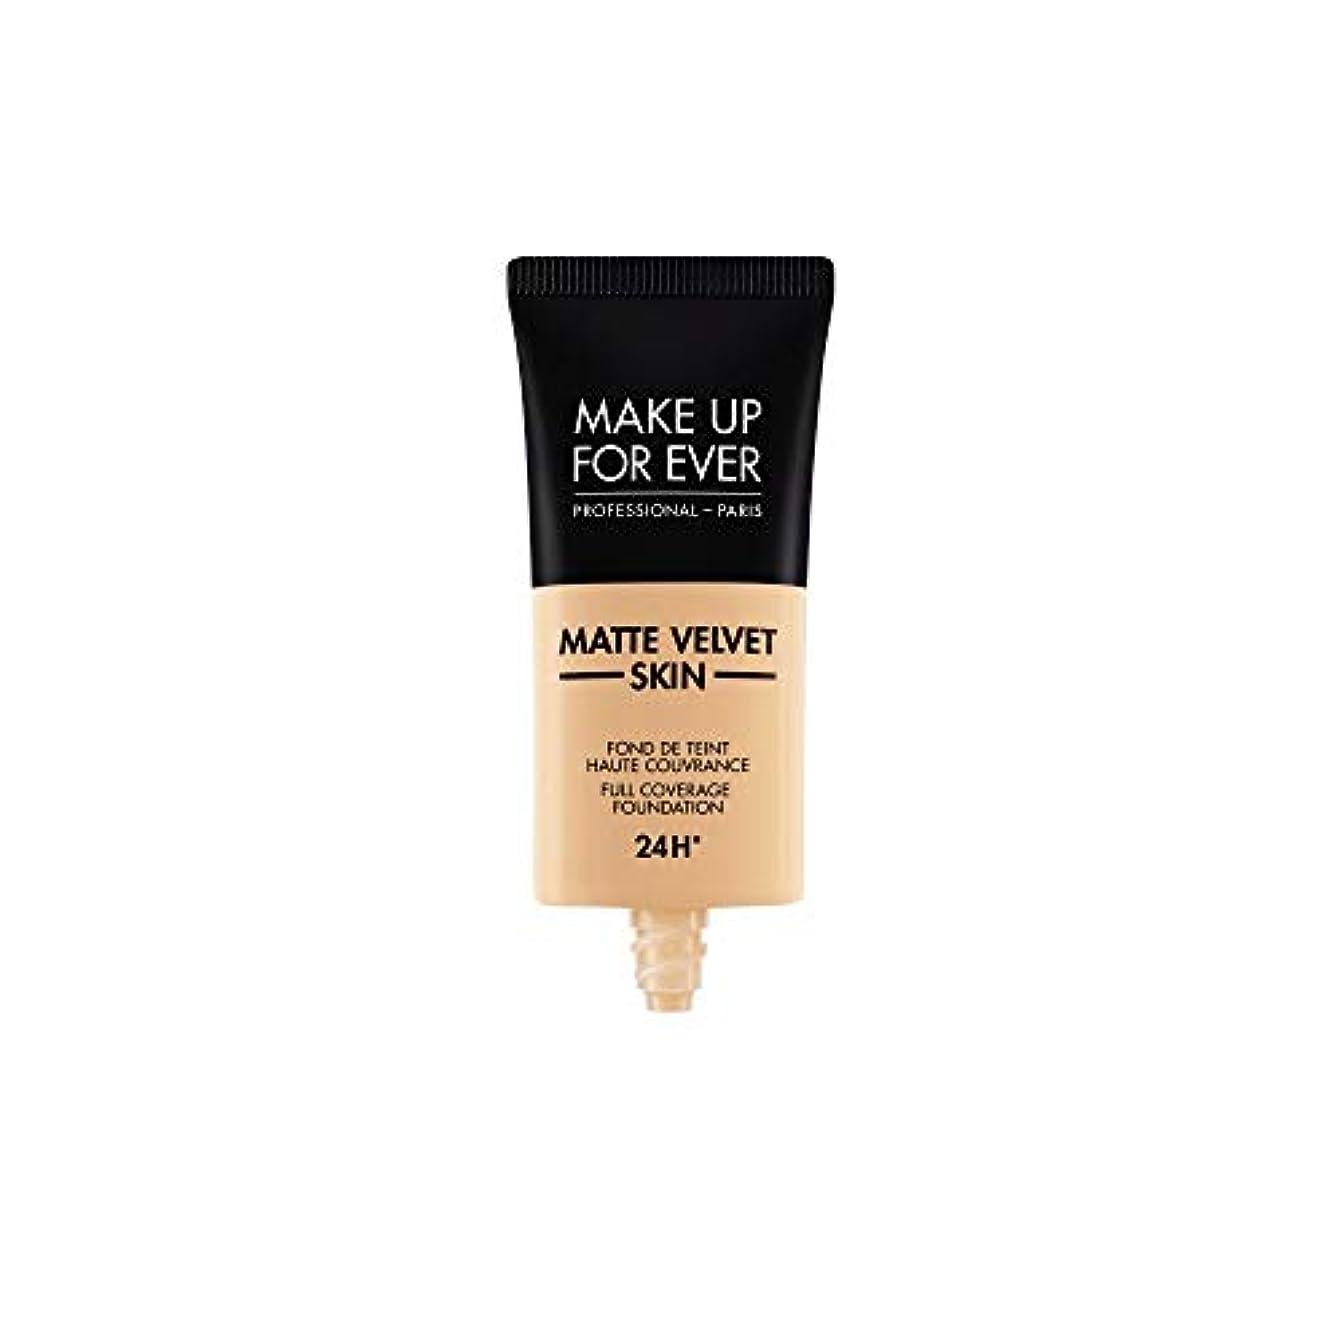 高音病弱想像力豊かなメイクアップフォーエバー Matte Velvet Skin Full Coverage Foundation - # R330 (Warm Ivory) 30ml/1oz並行輸入品